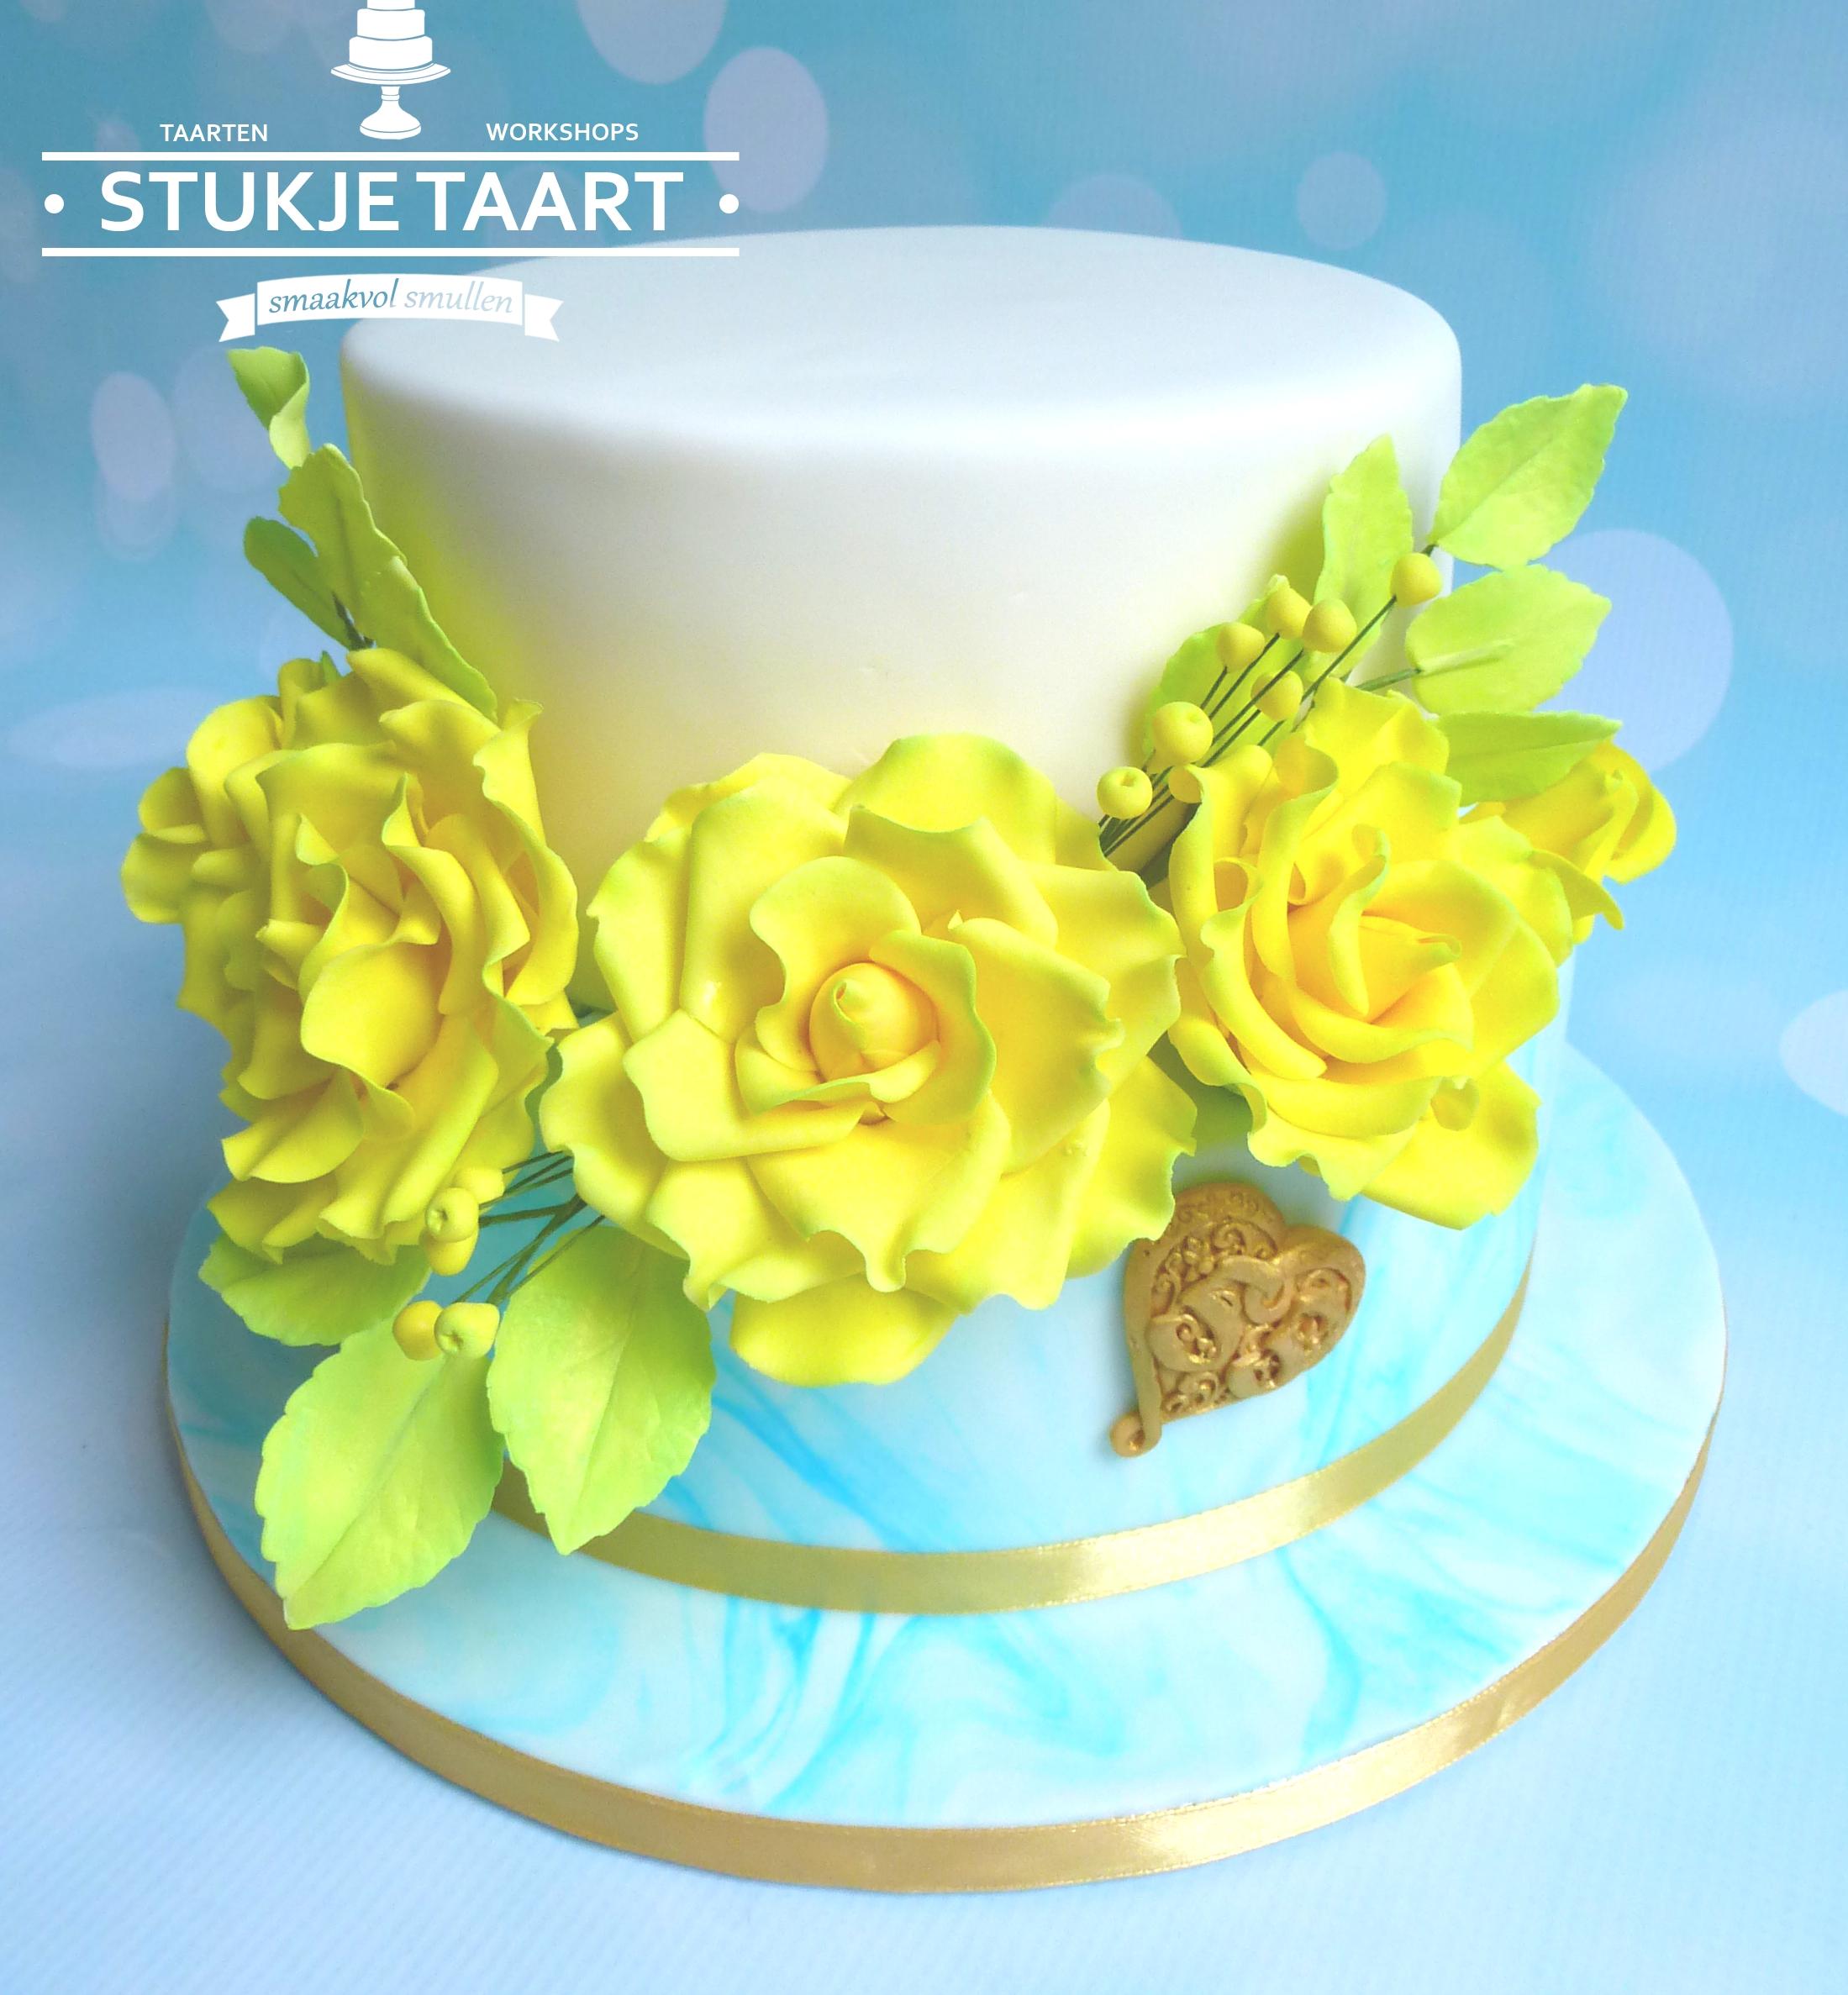 gele rozen bruidstaart trouwtaart